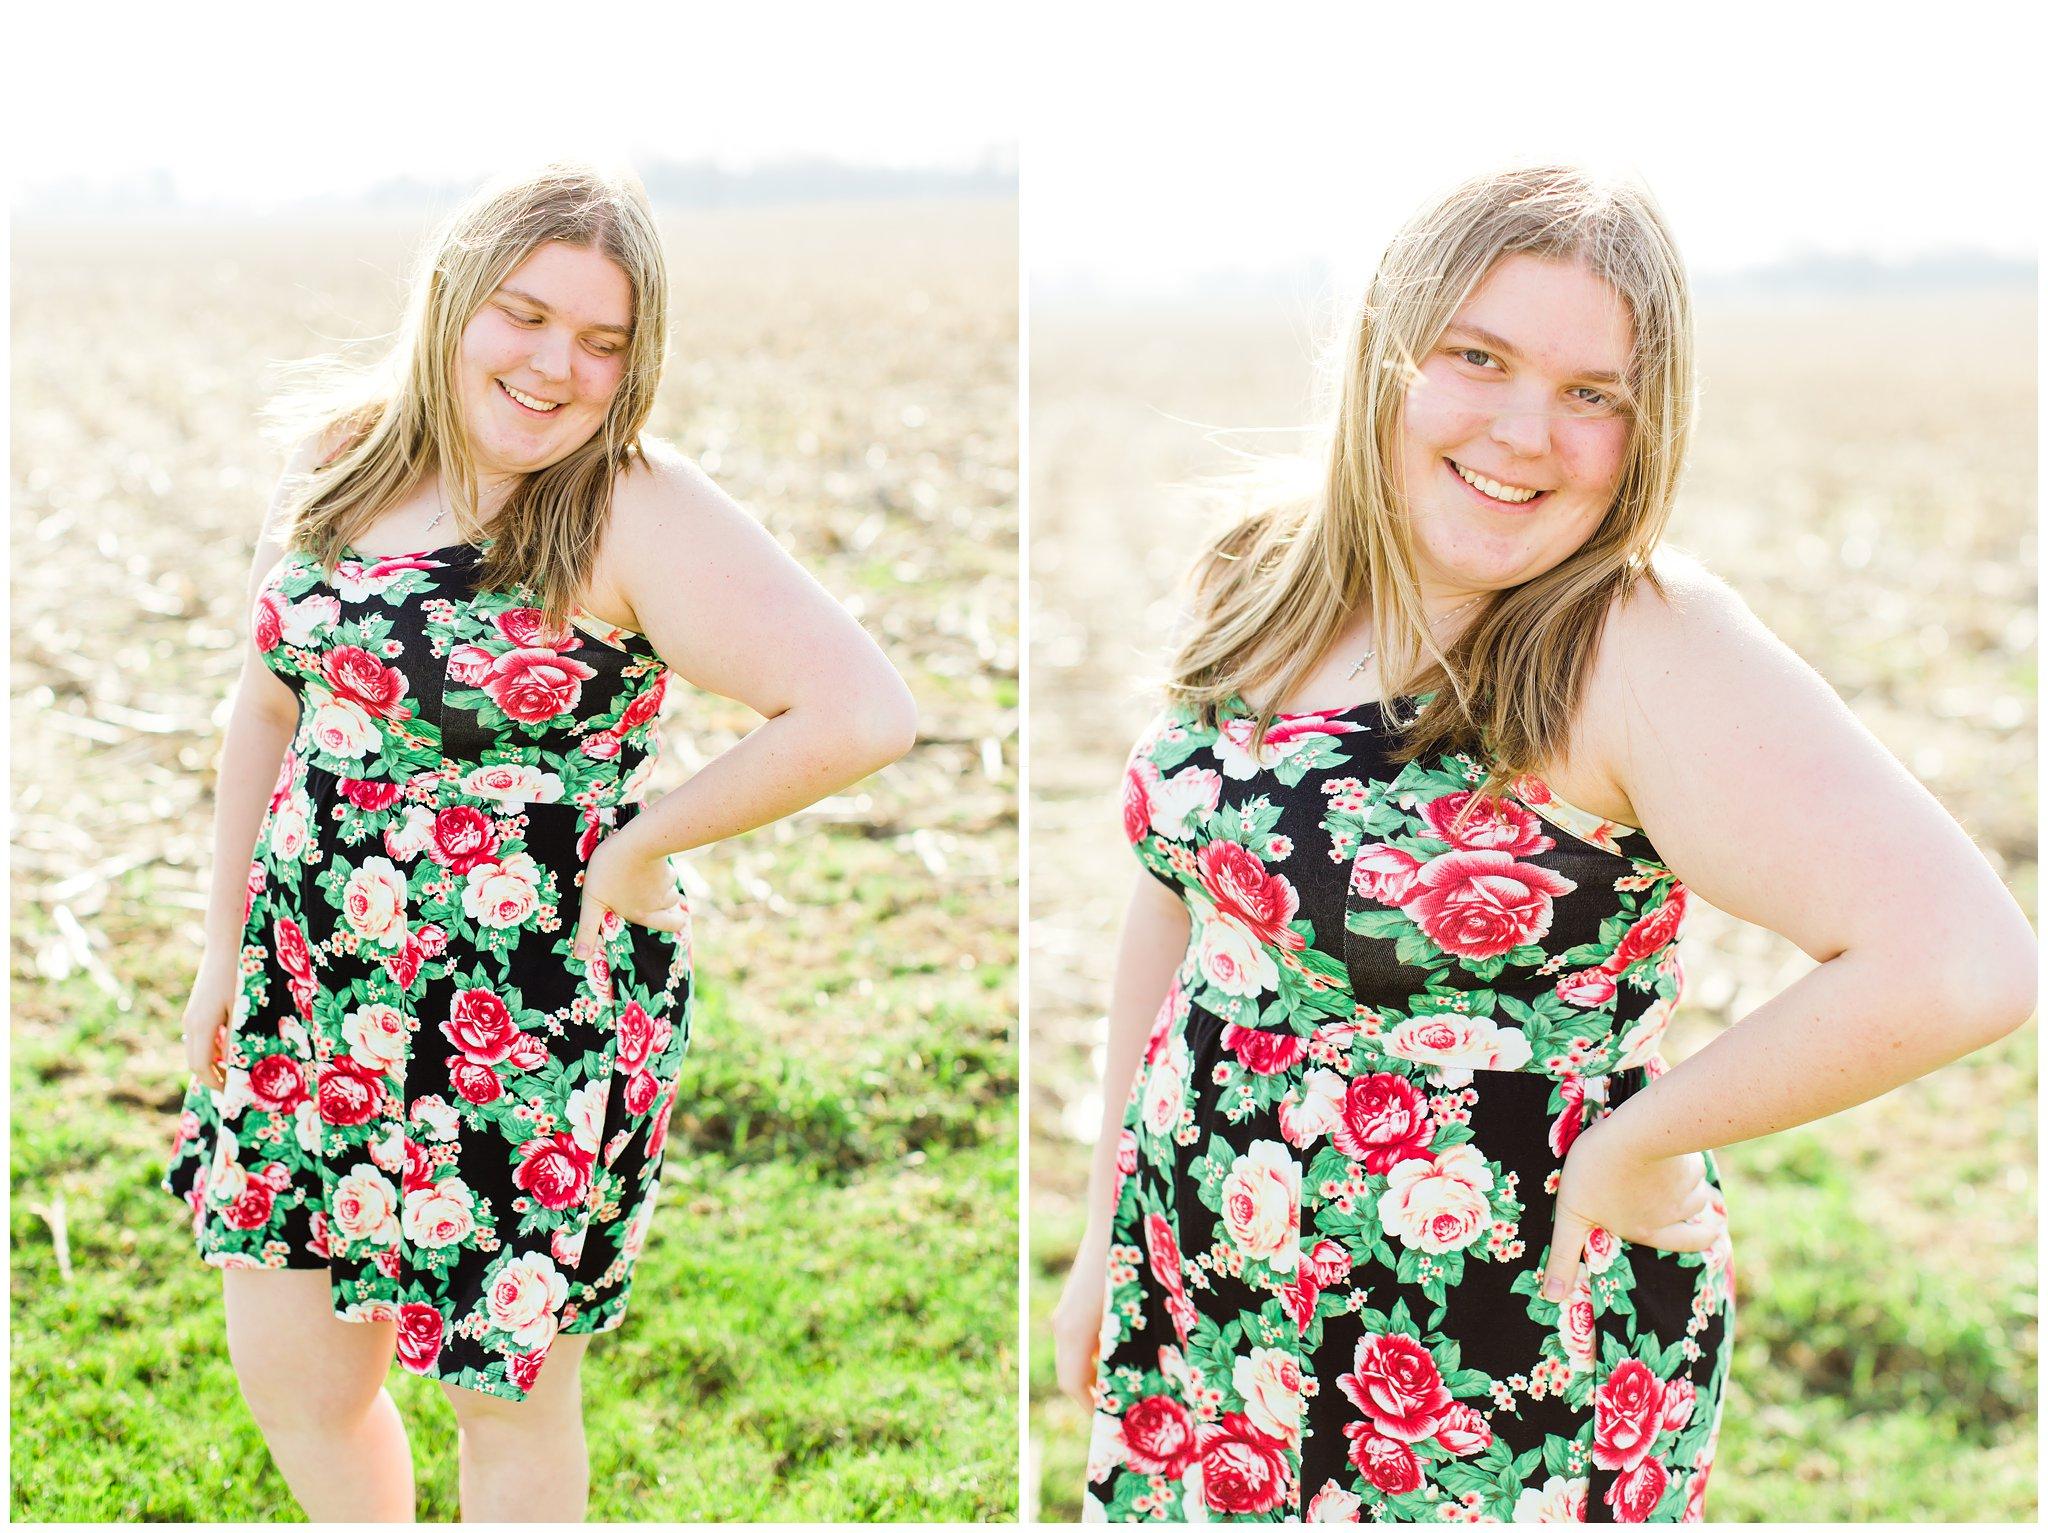 Indiana Portrait Photographer Mishawaka Amish Countryside Field Sundress Easter Sunday